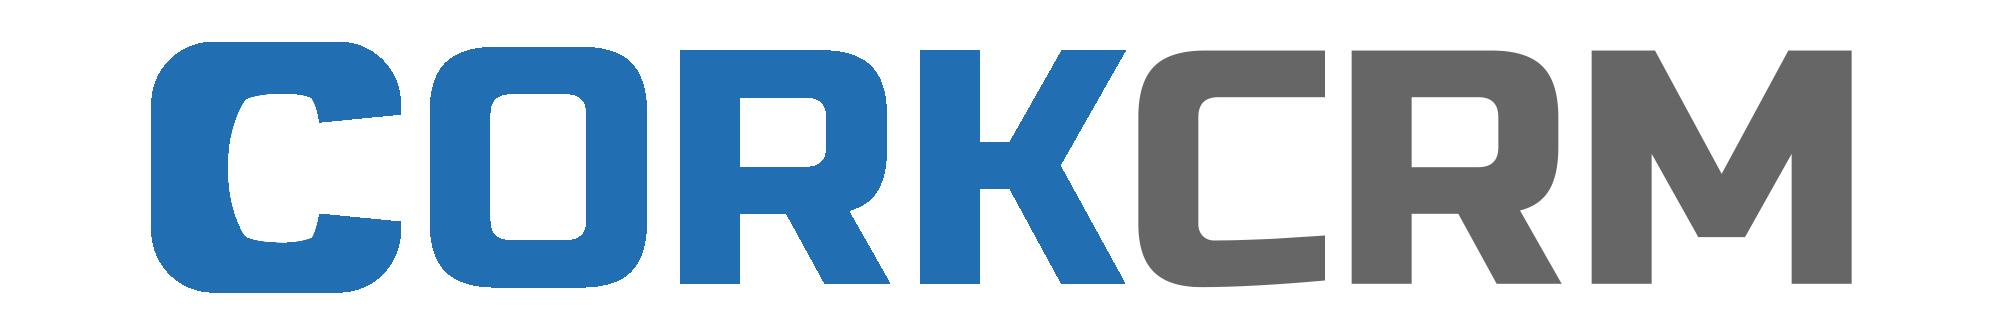 CorkCRM